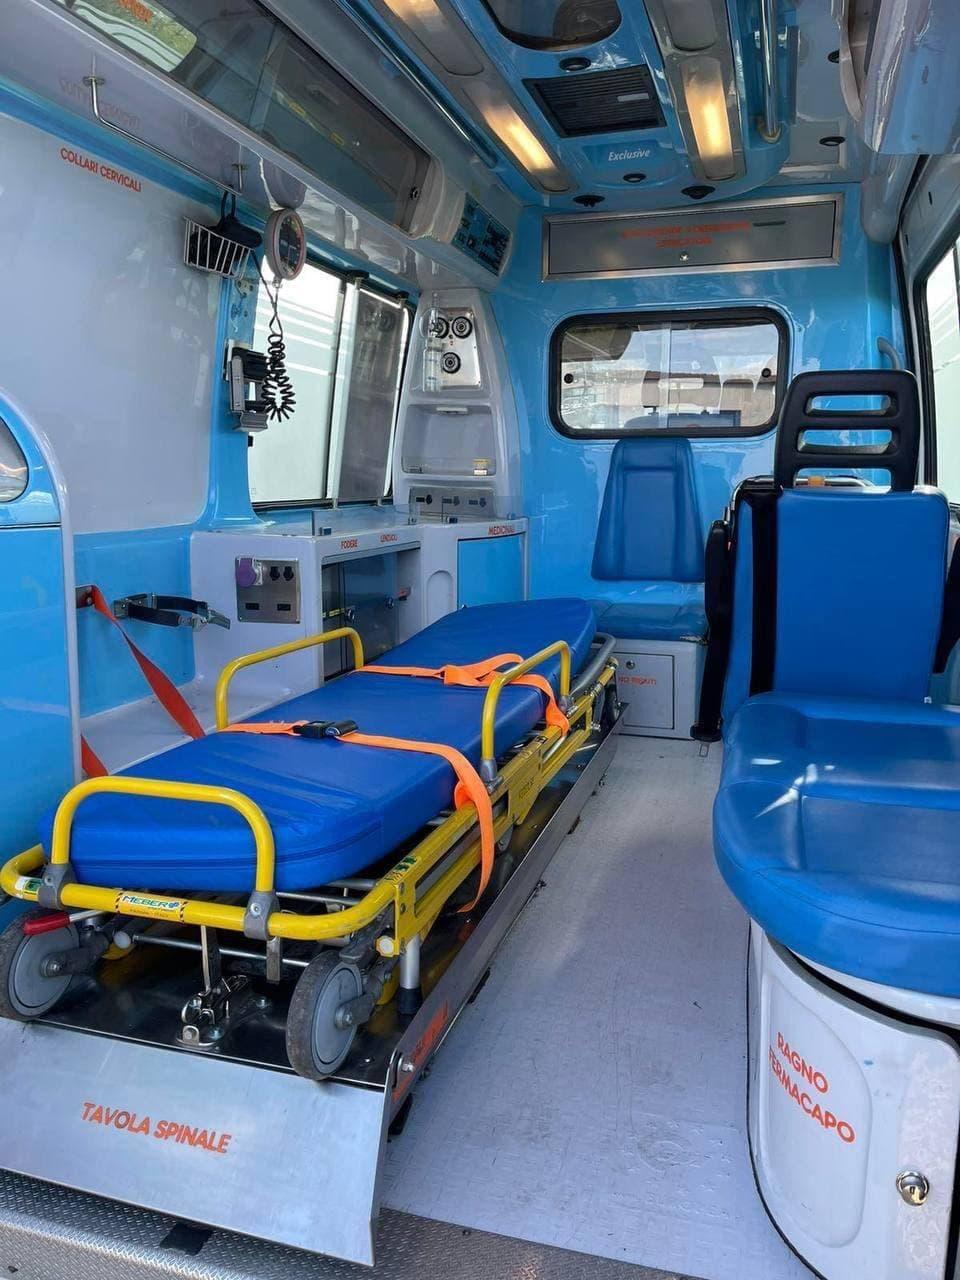 В Кишинев доставили две машины скорой помощи, подаренные Италией (ФОТО)